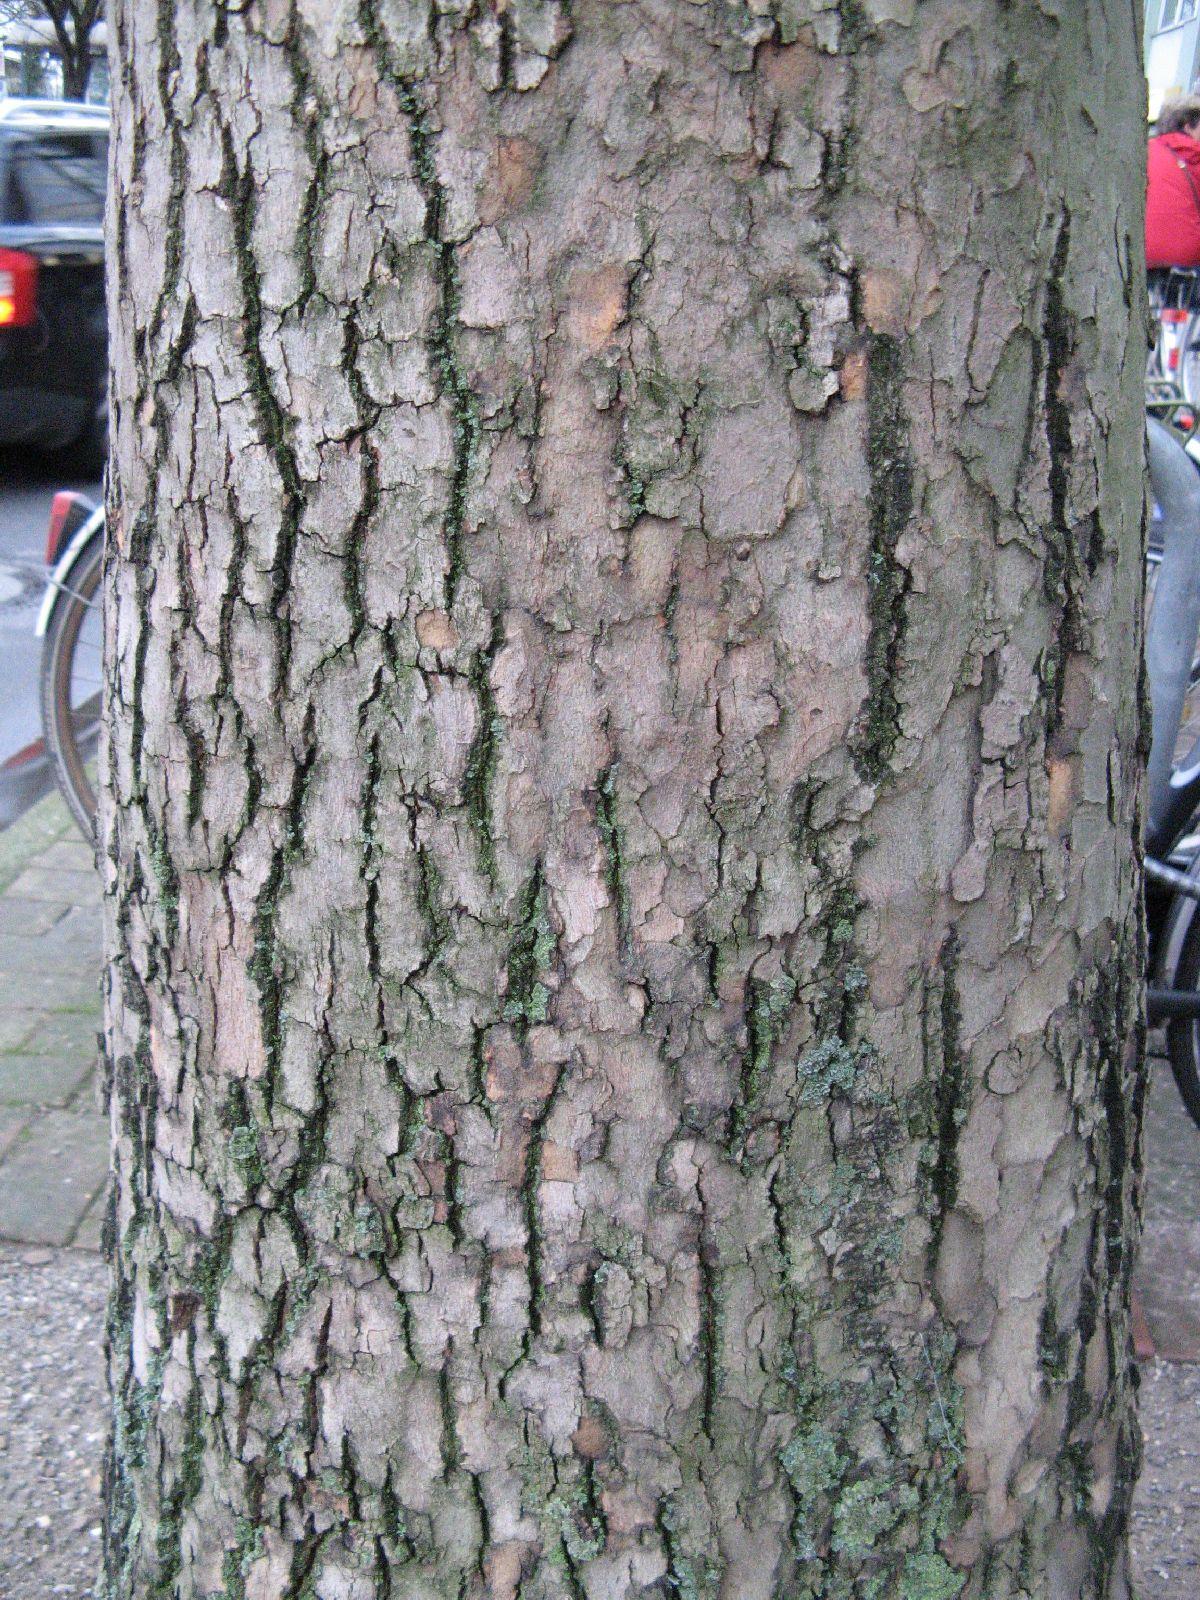 Baum-Rinde_Texturs_B_26340